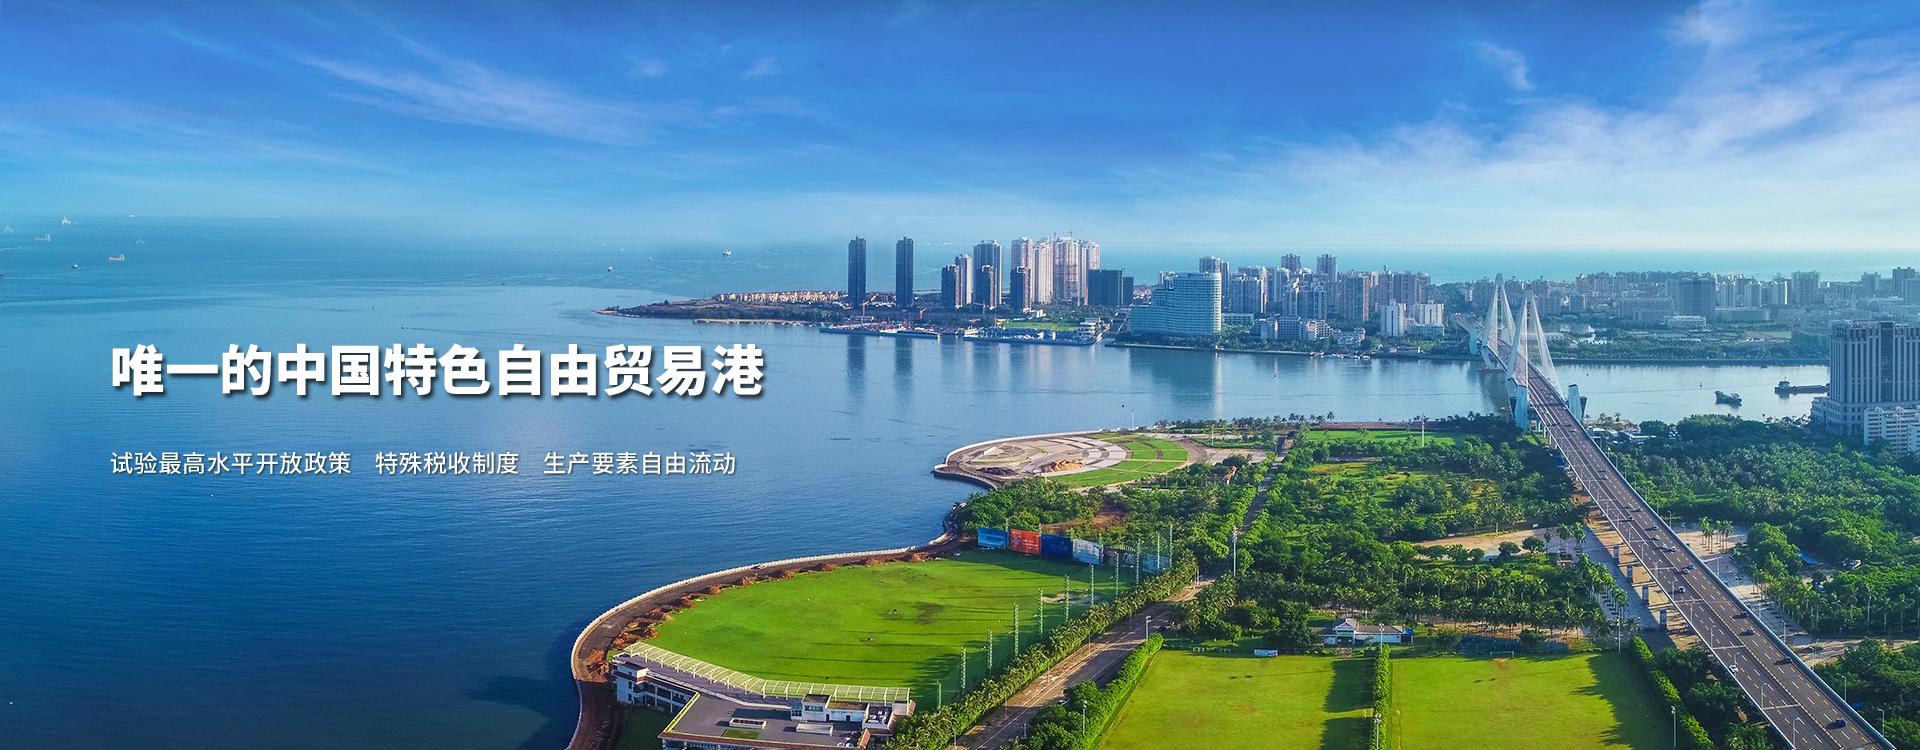 中国特色自由贸易港的营商环境与法治建设缩略图